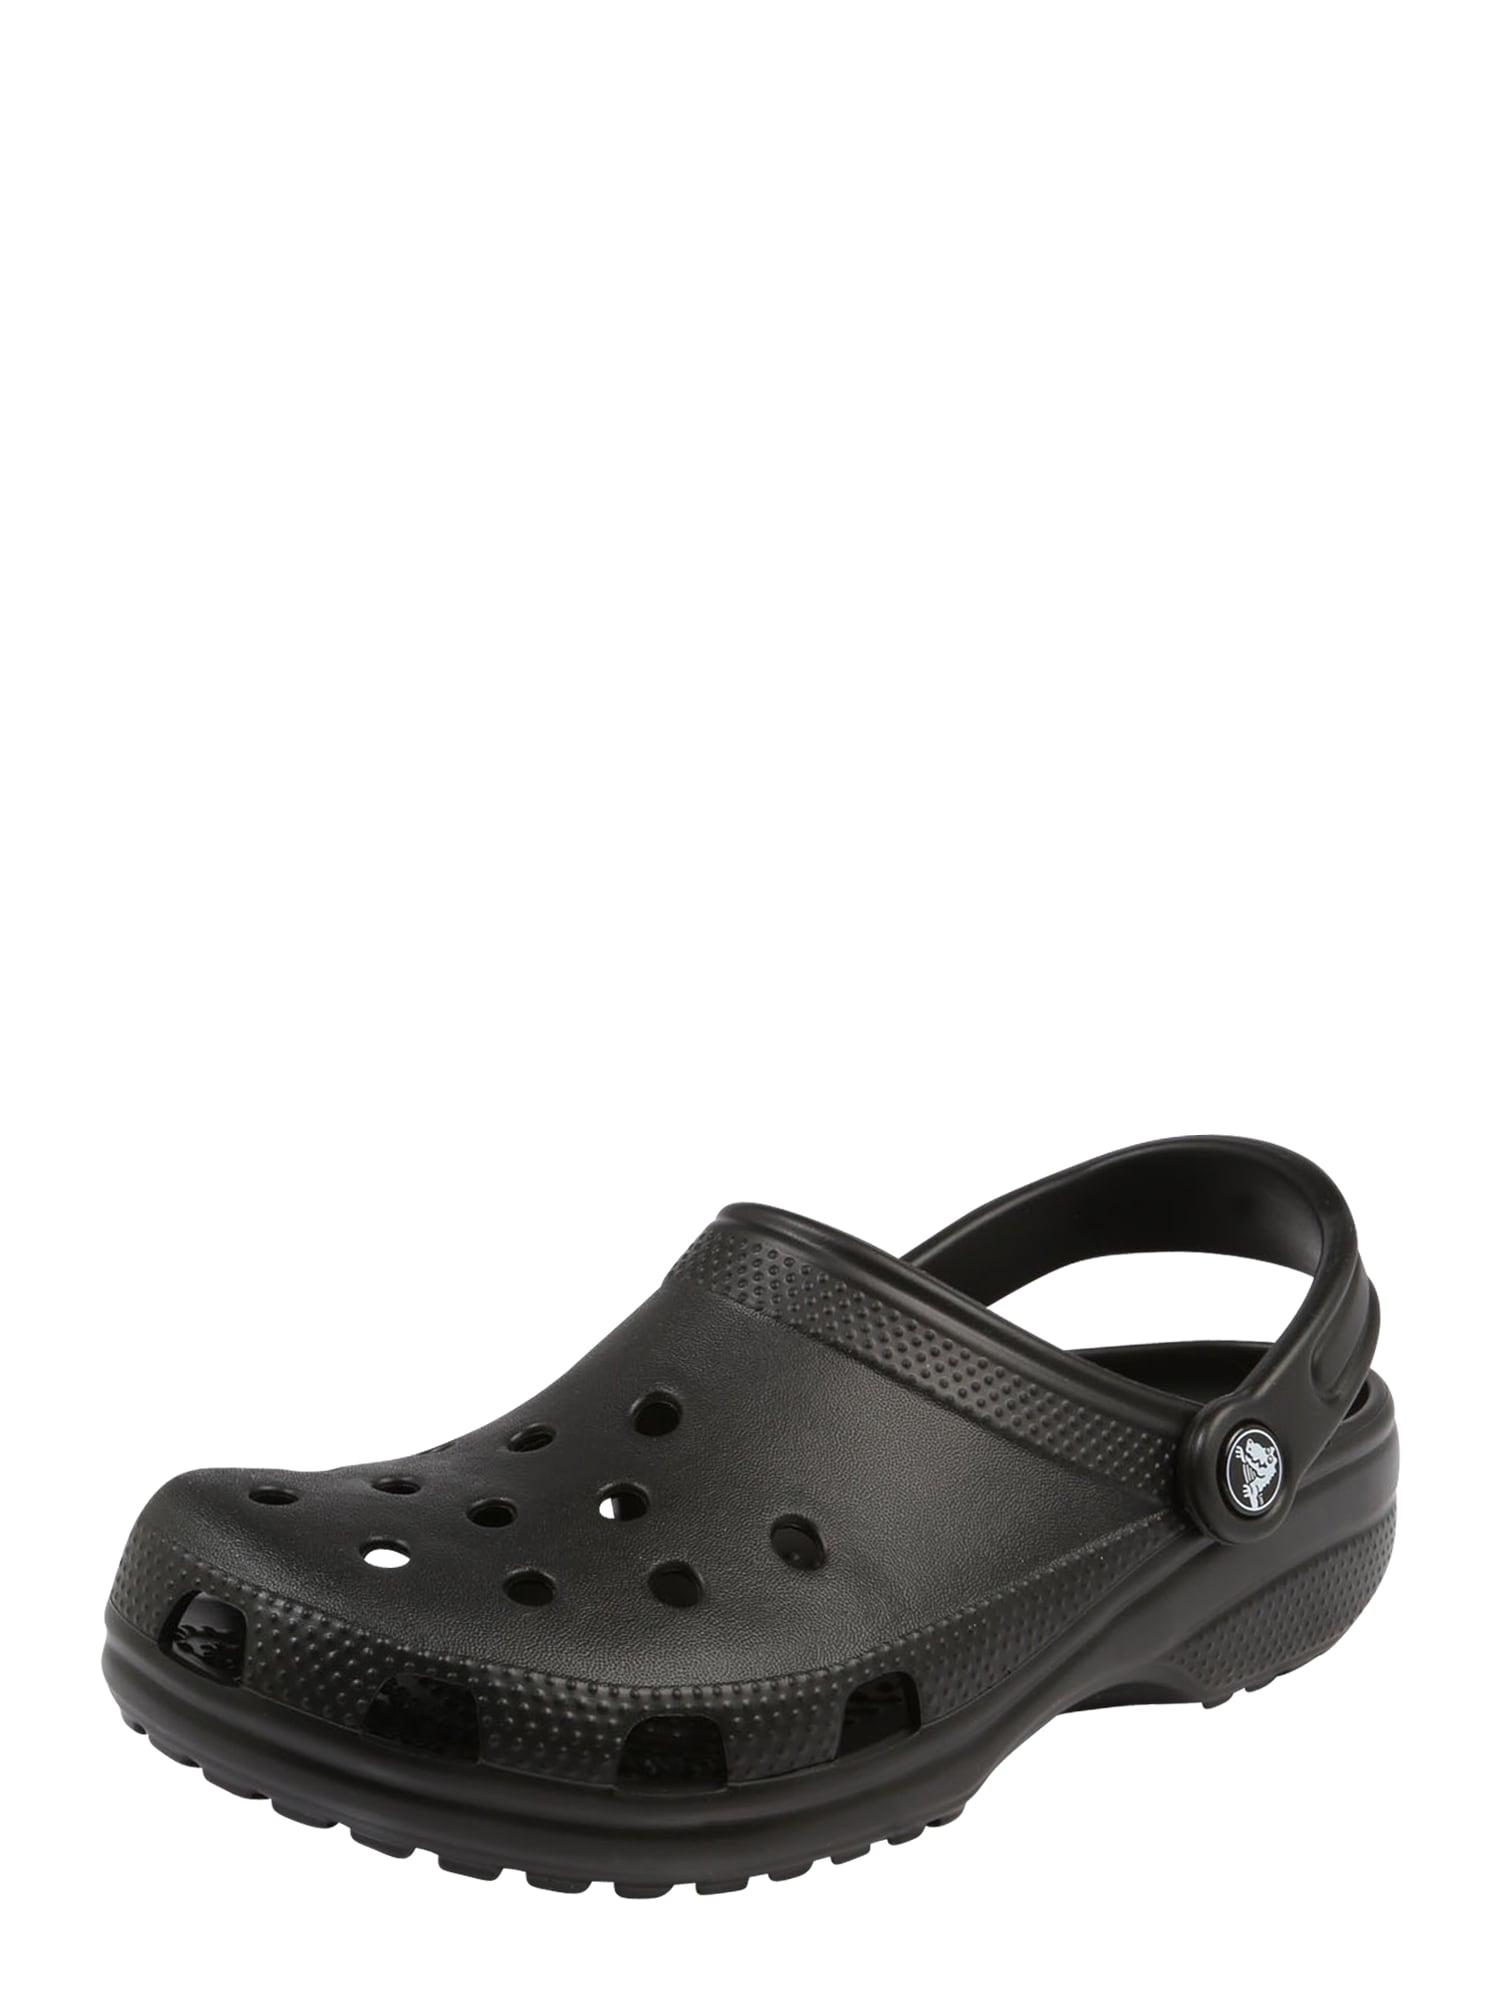 Crocs Sabots 'Classic'  - Noir - Taille: M11 - male